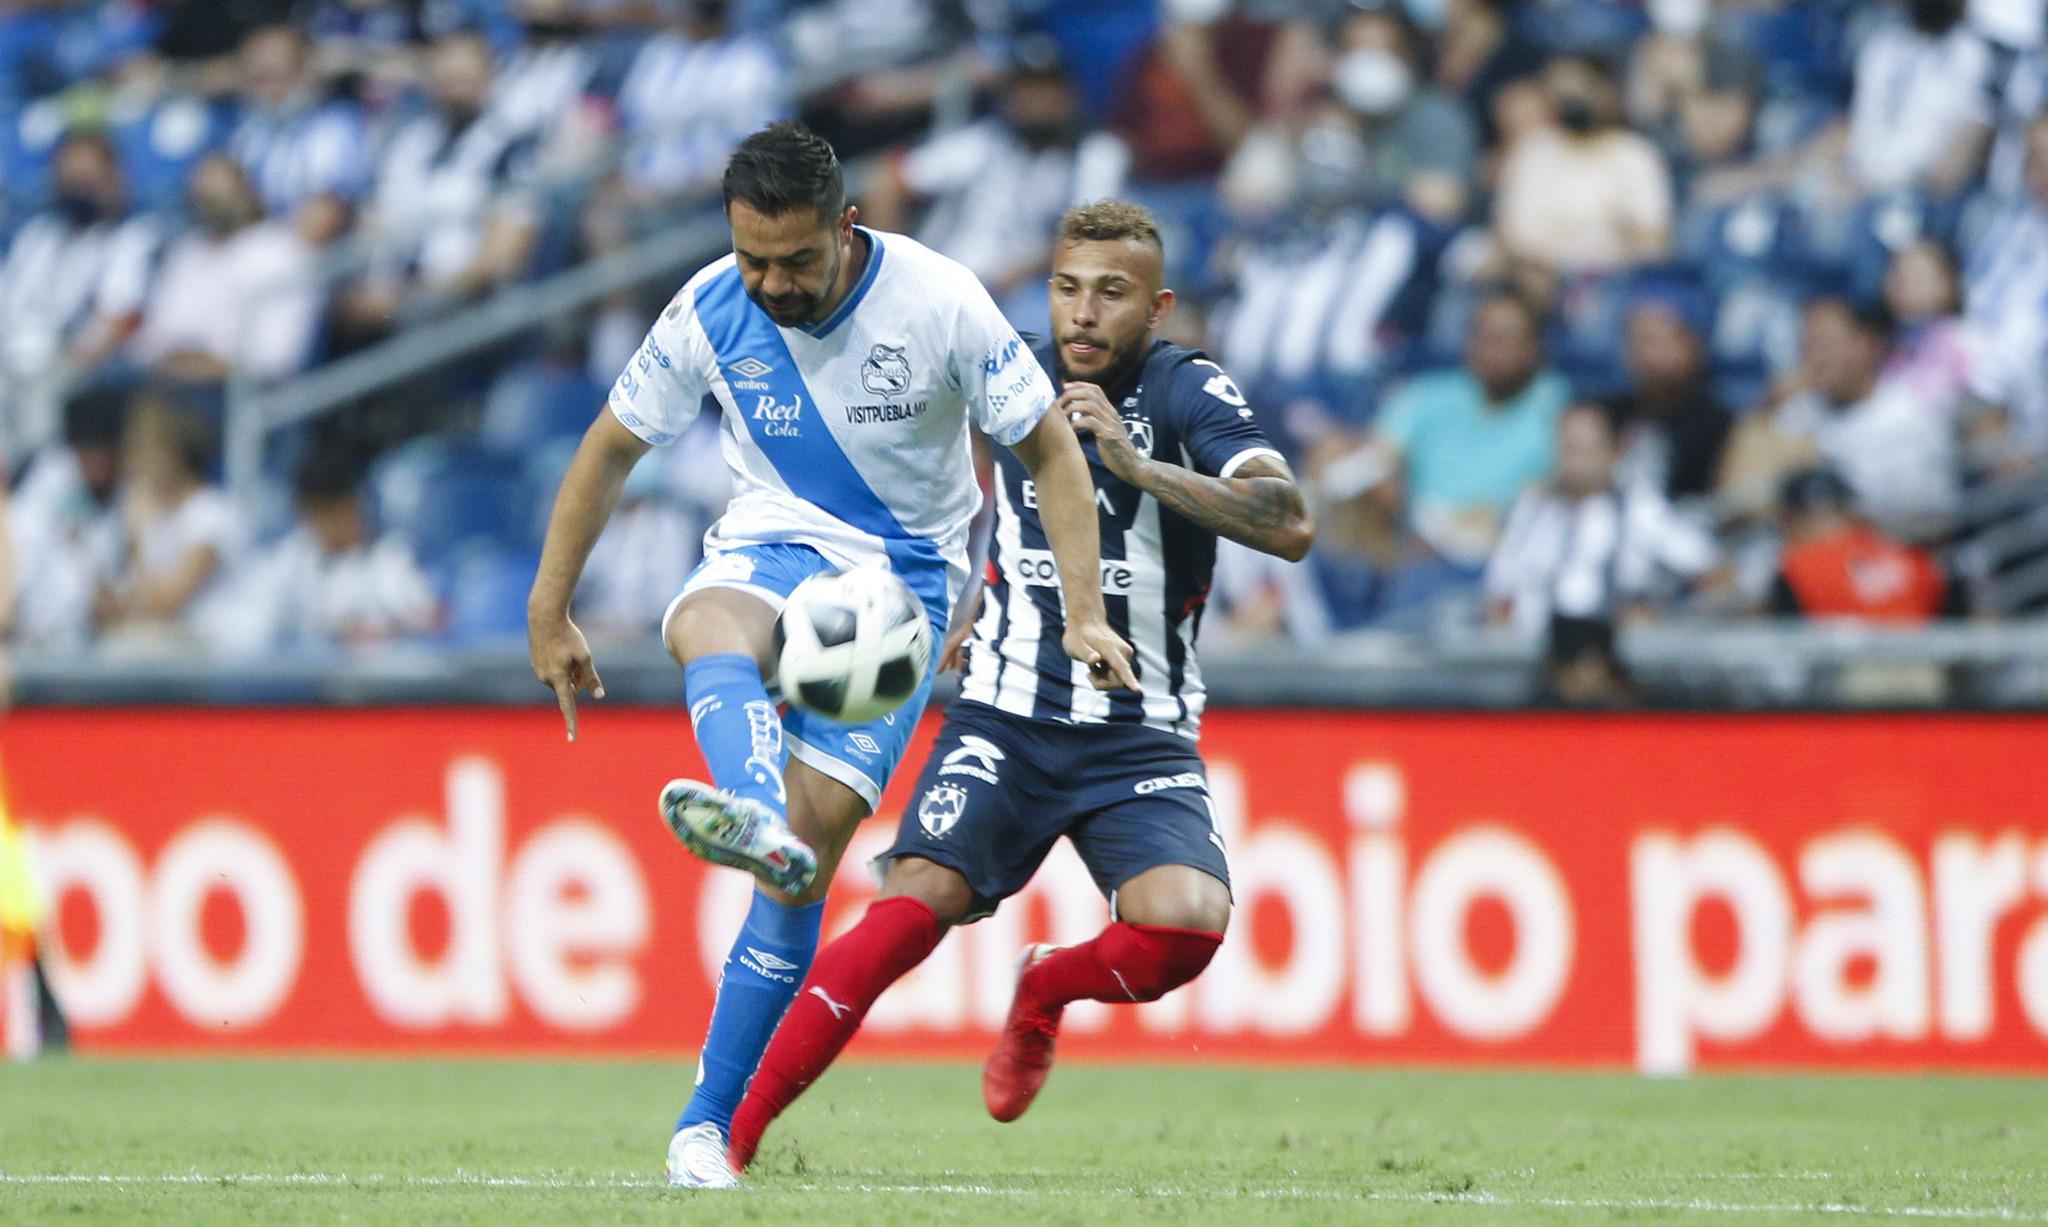 Puebla vs Chivas: Resumen, goles y mejores jugadas del partido de la jornada 2 del Apertura 2021 de la Liga MX